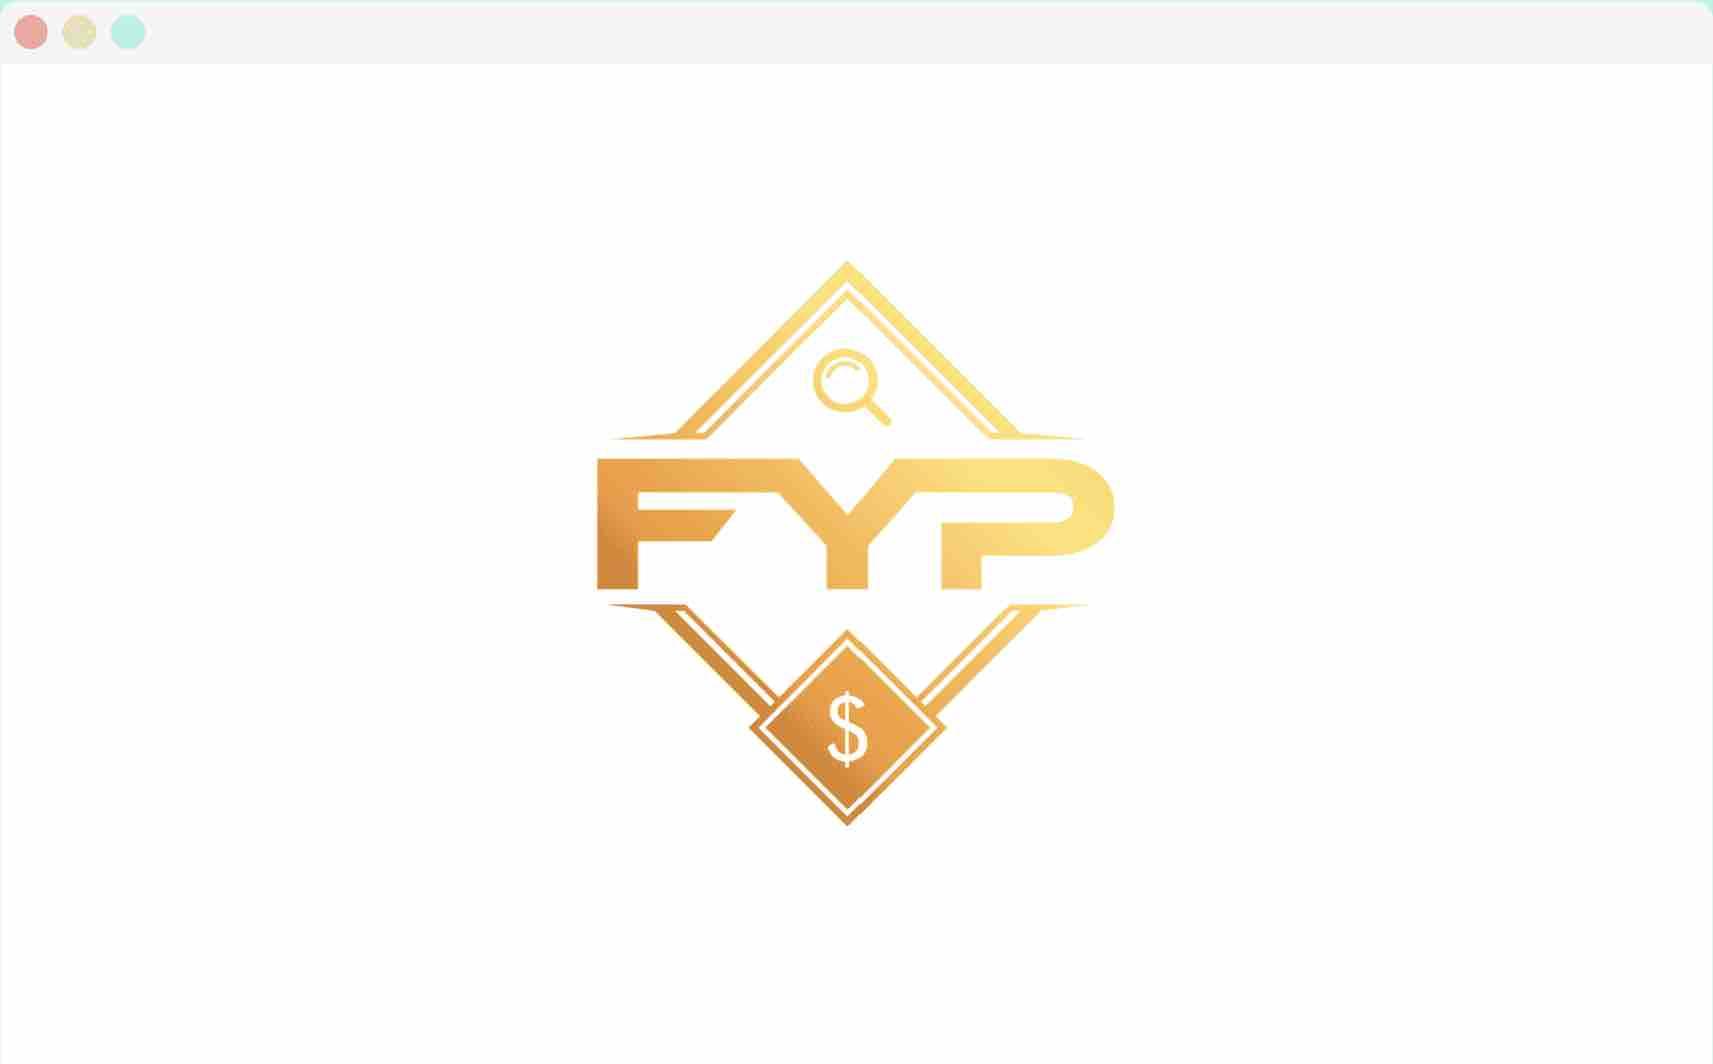 FYP im Fenster